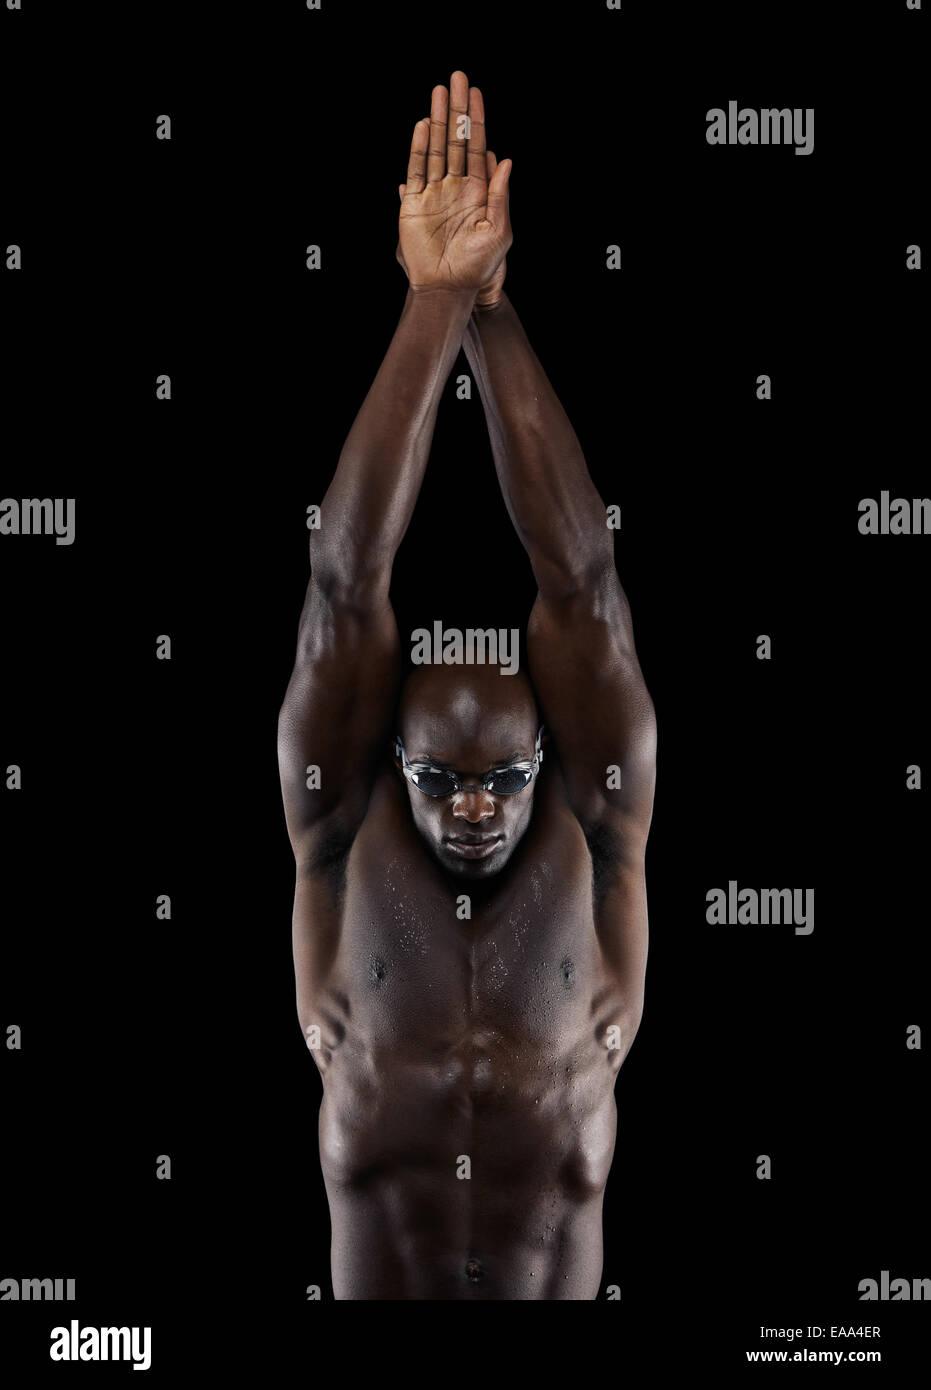 Ritratto di giovane Professional nuotatore con muscolare di costruire attorno a tuffarsi su sfondo nero. Preparazione Immagini Stock